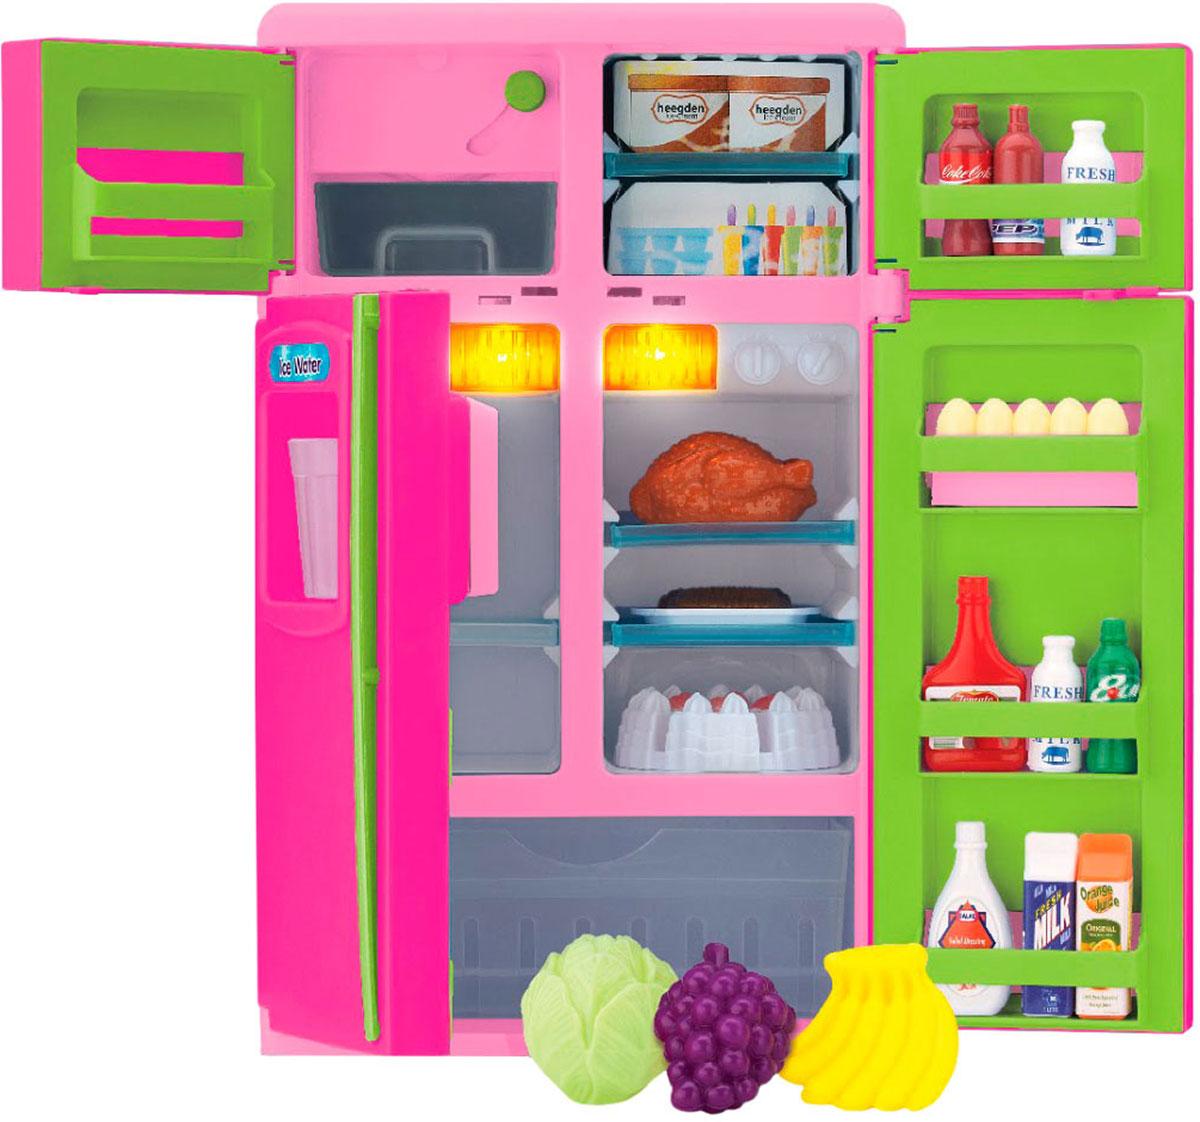 Keenway Игрушечный холодильник keenway аналог 21657 холодильник